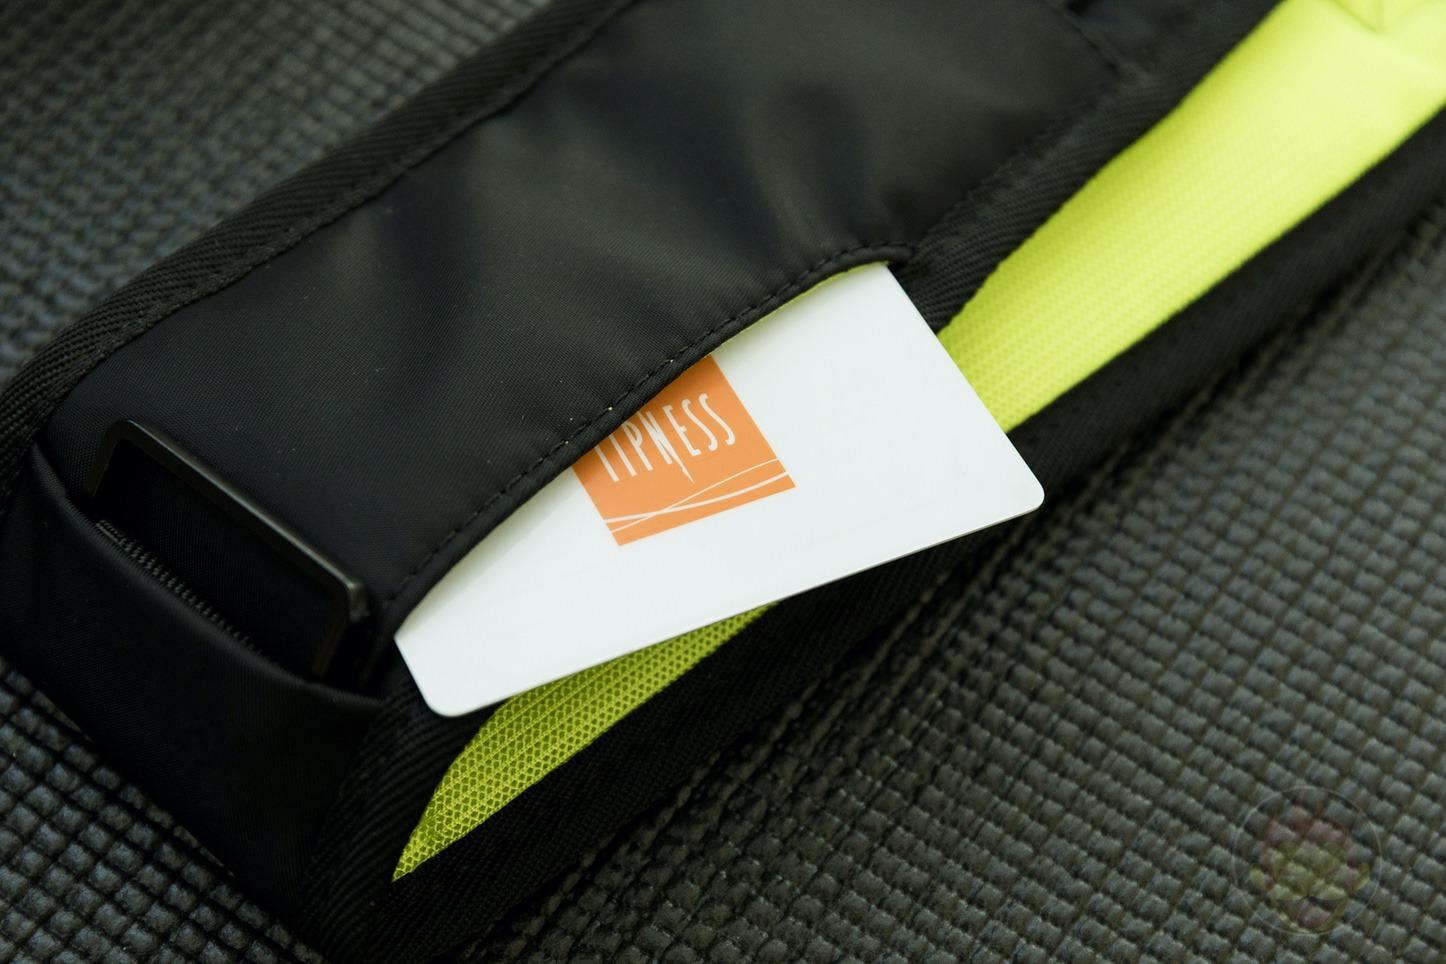 Quiver-Gym-Splashproof-Shoulder-Bag-21.jpg